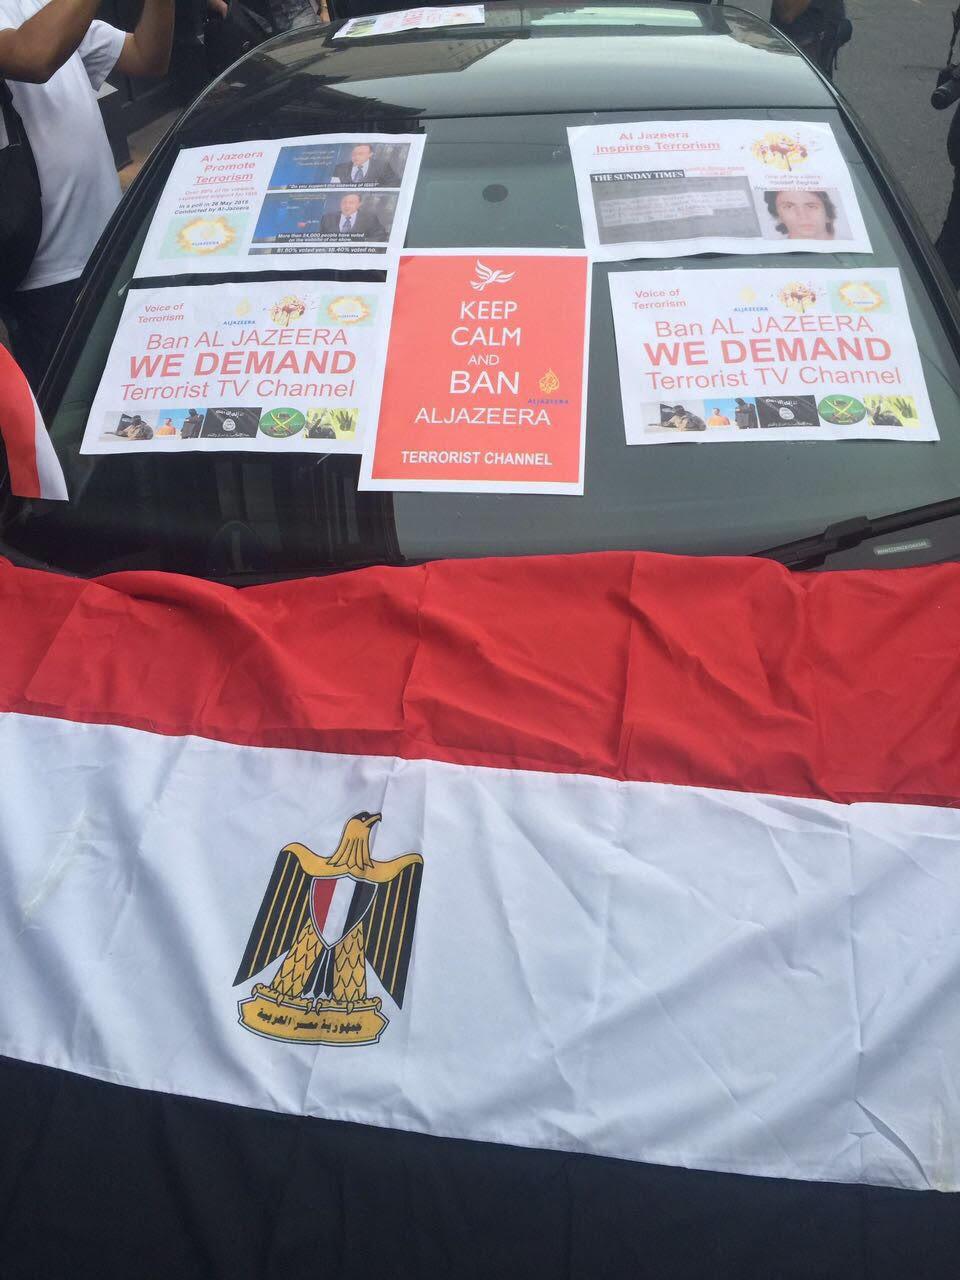 جانب من المظاهرة ضد قناة الجزيرة